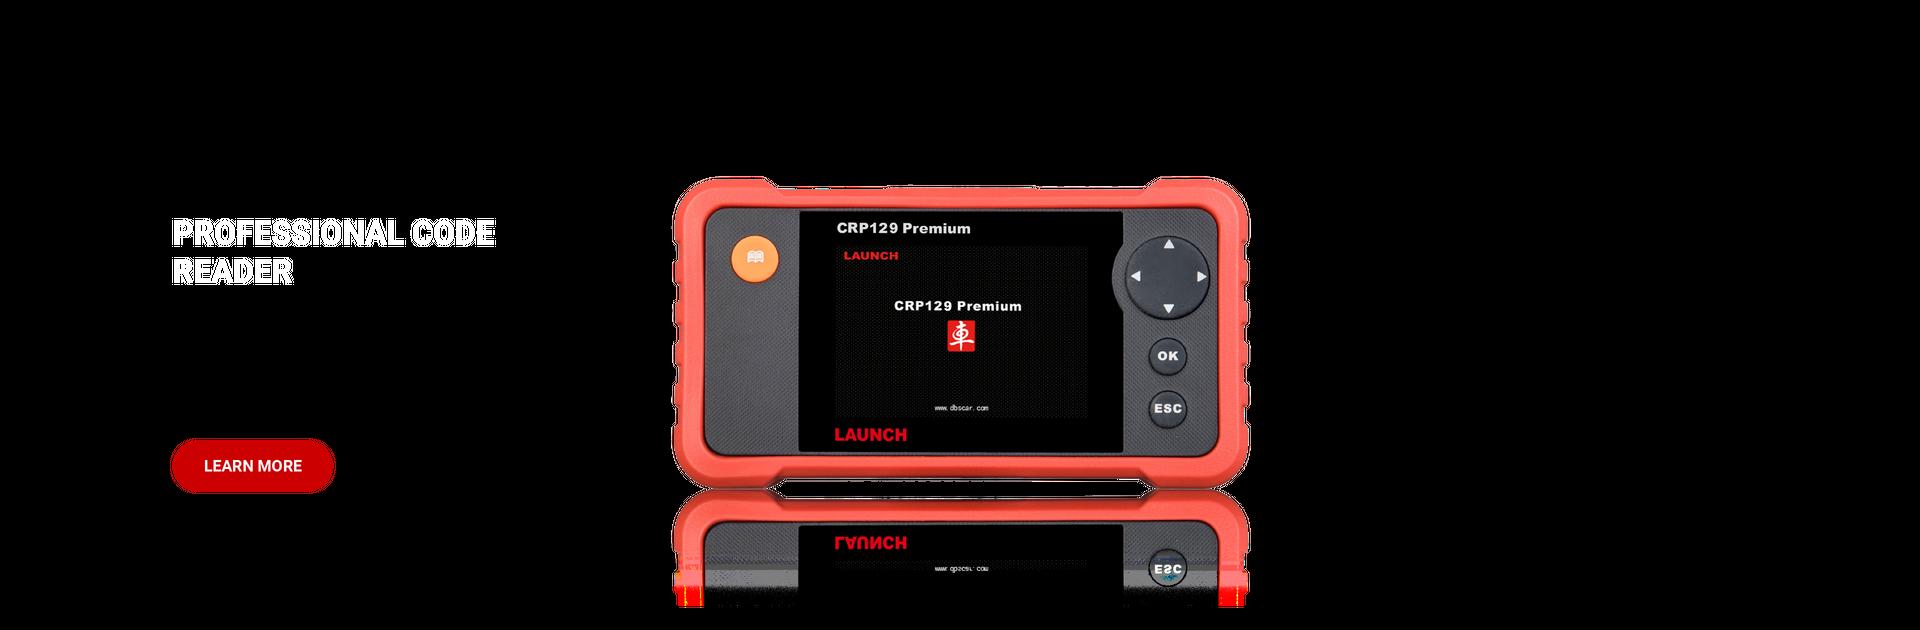 LAUNCH UK - Genuine X431 Car Diagnostic Tools & Garage Equipment